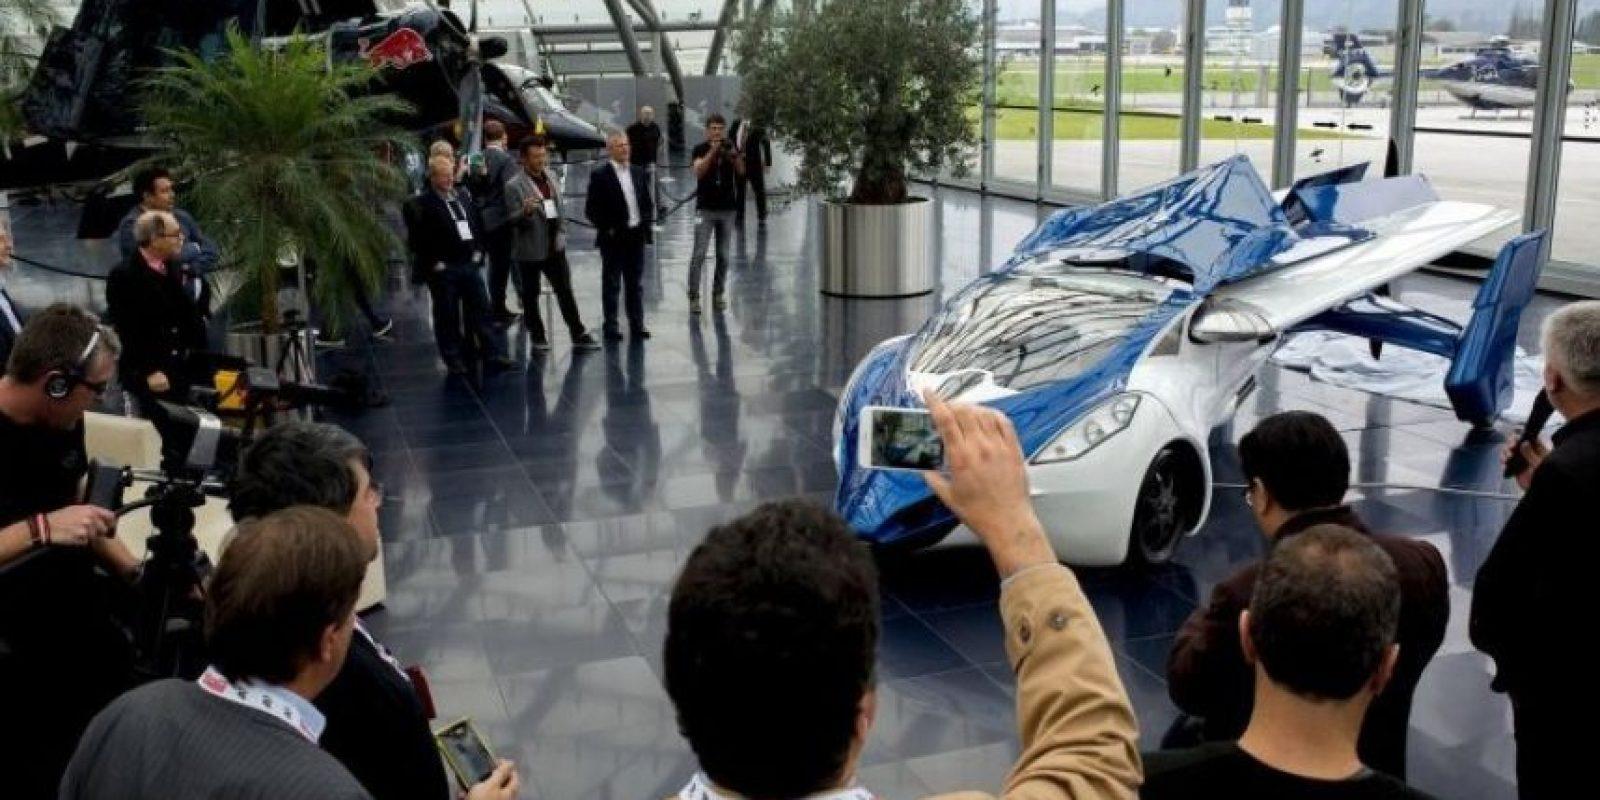 Foto:Vía Facebook.com/aeromobilcom